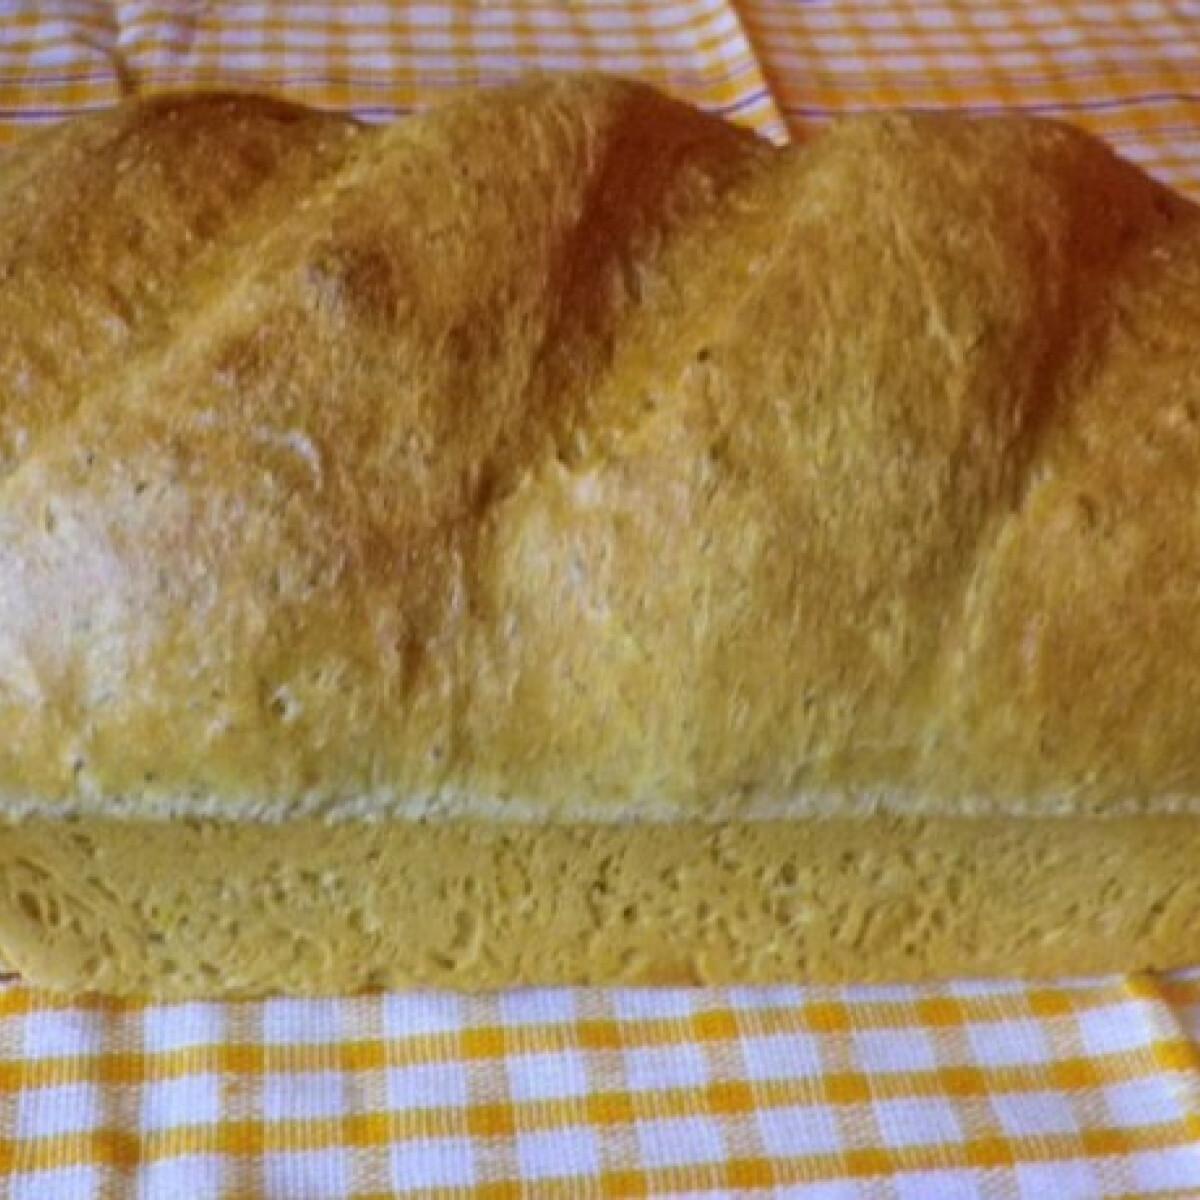 Fűszeres kovászos kenyér Évi nénitől